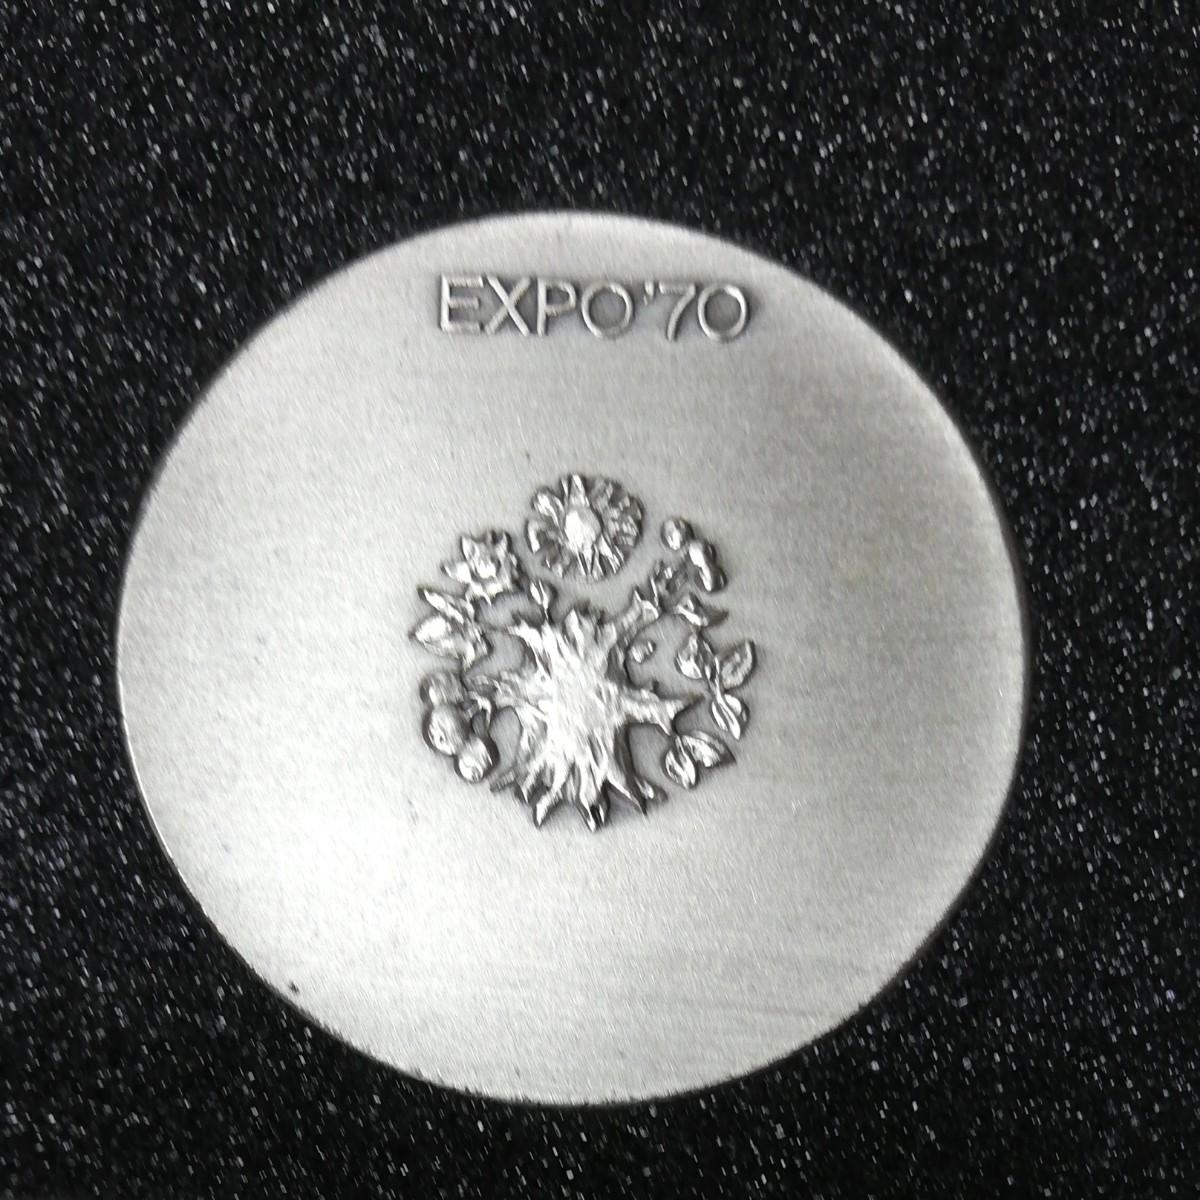 日本万国博覧会記念メダル EXPO70 銀製メダル 銅製メダル